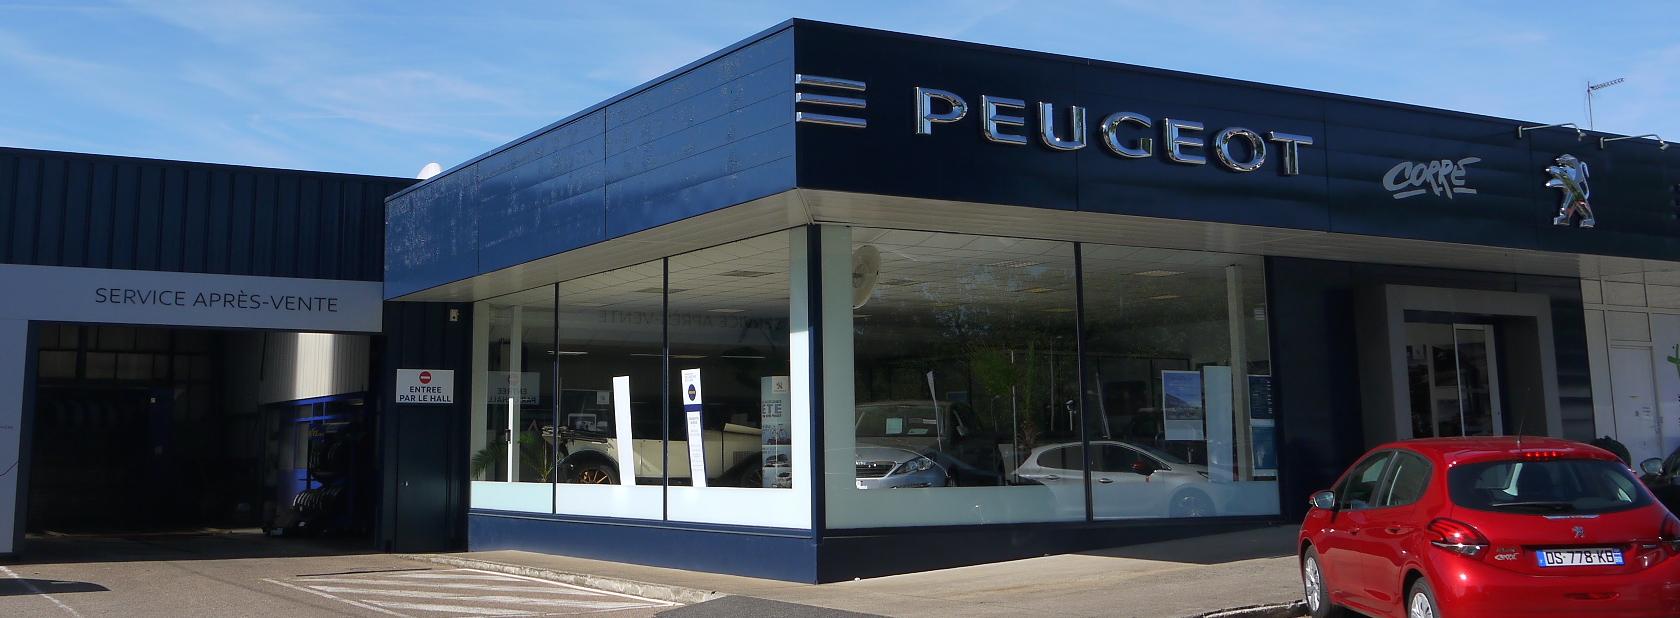 Peugeot Corre concession